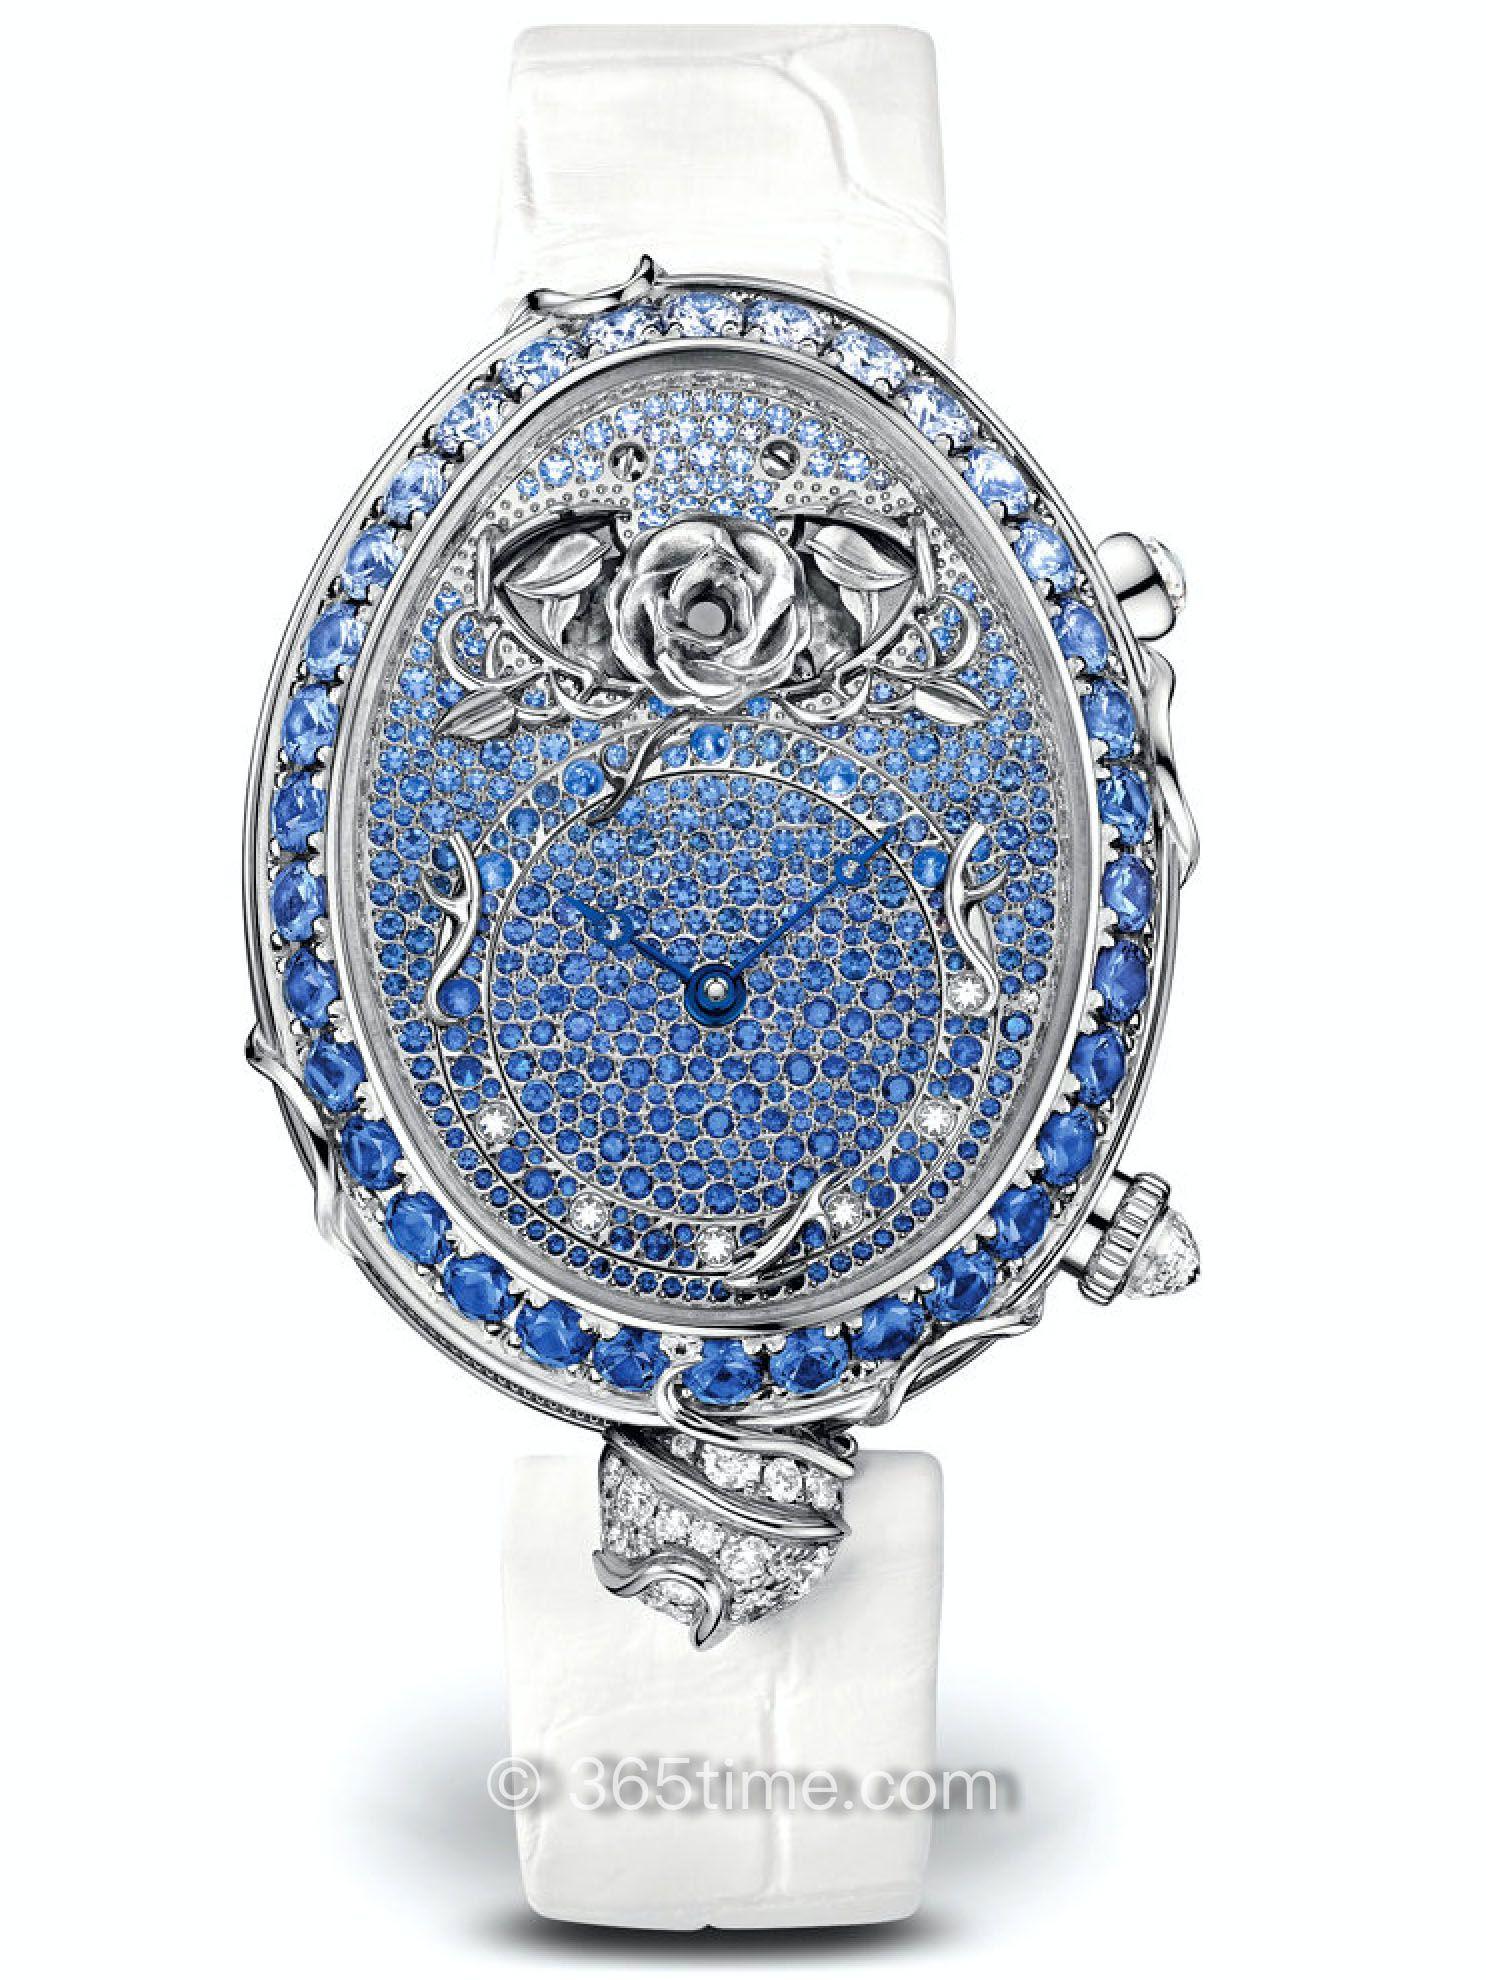 宝玑那不勒斯皇后系列8973BB/6S/8H4/SD0D腕表